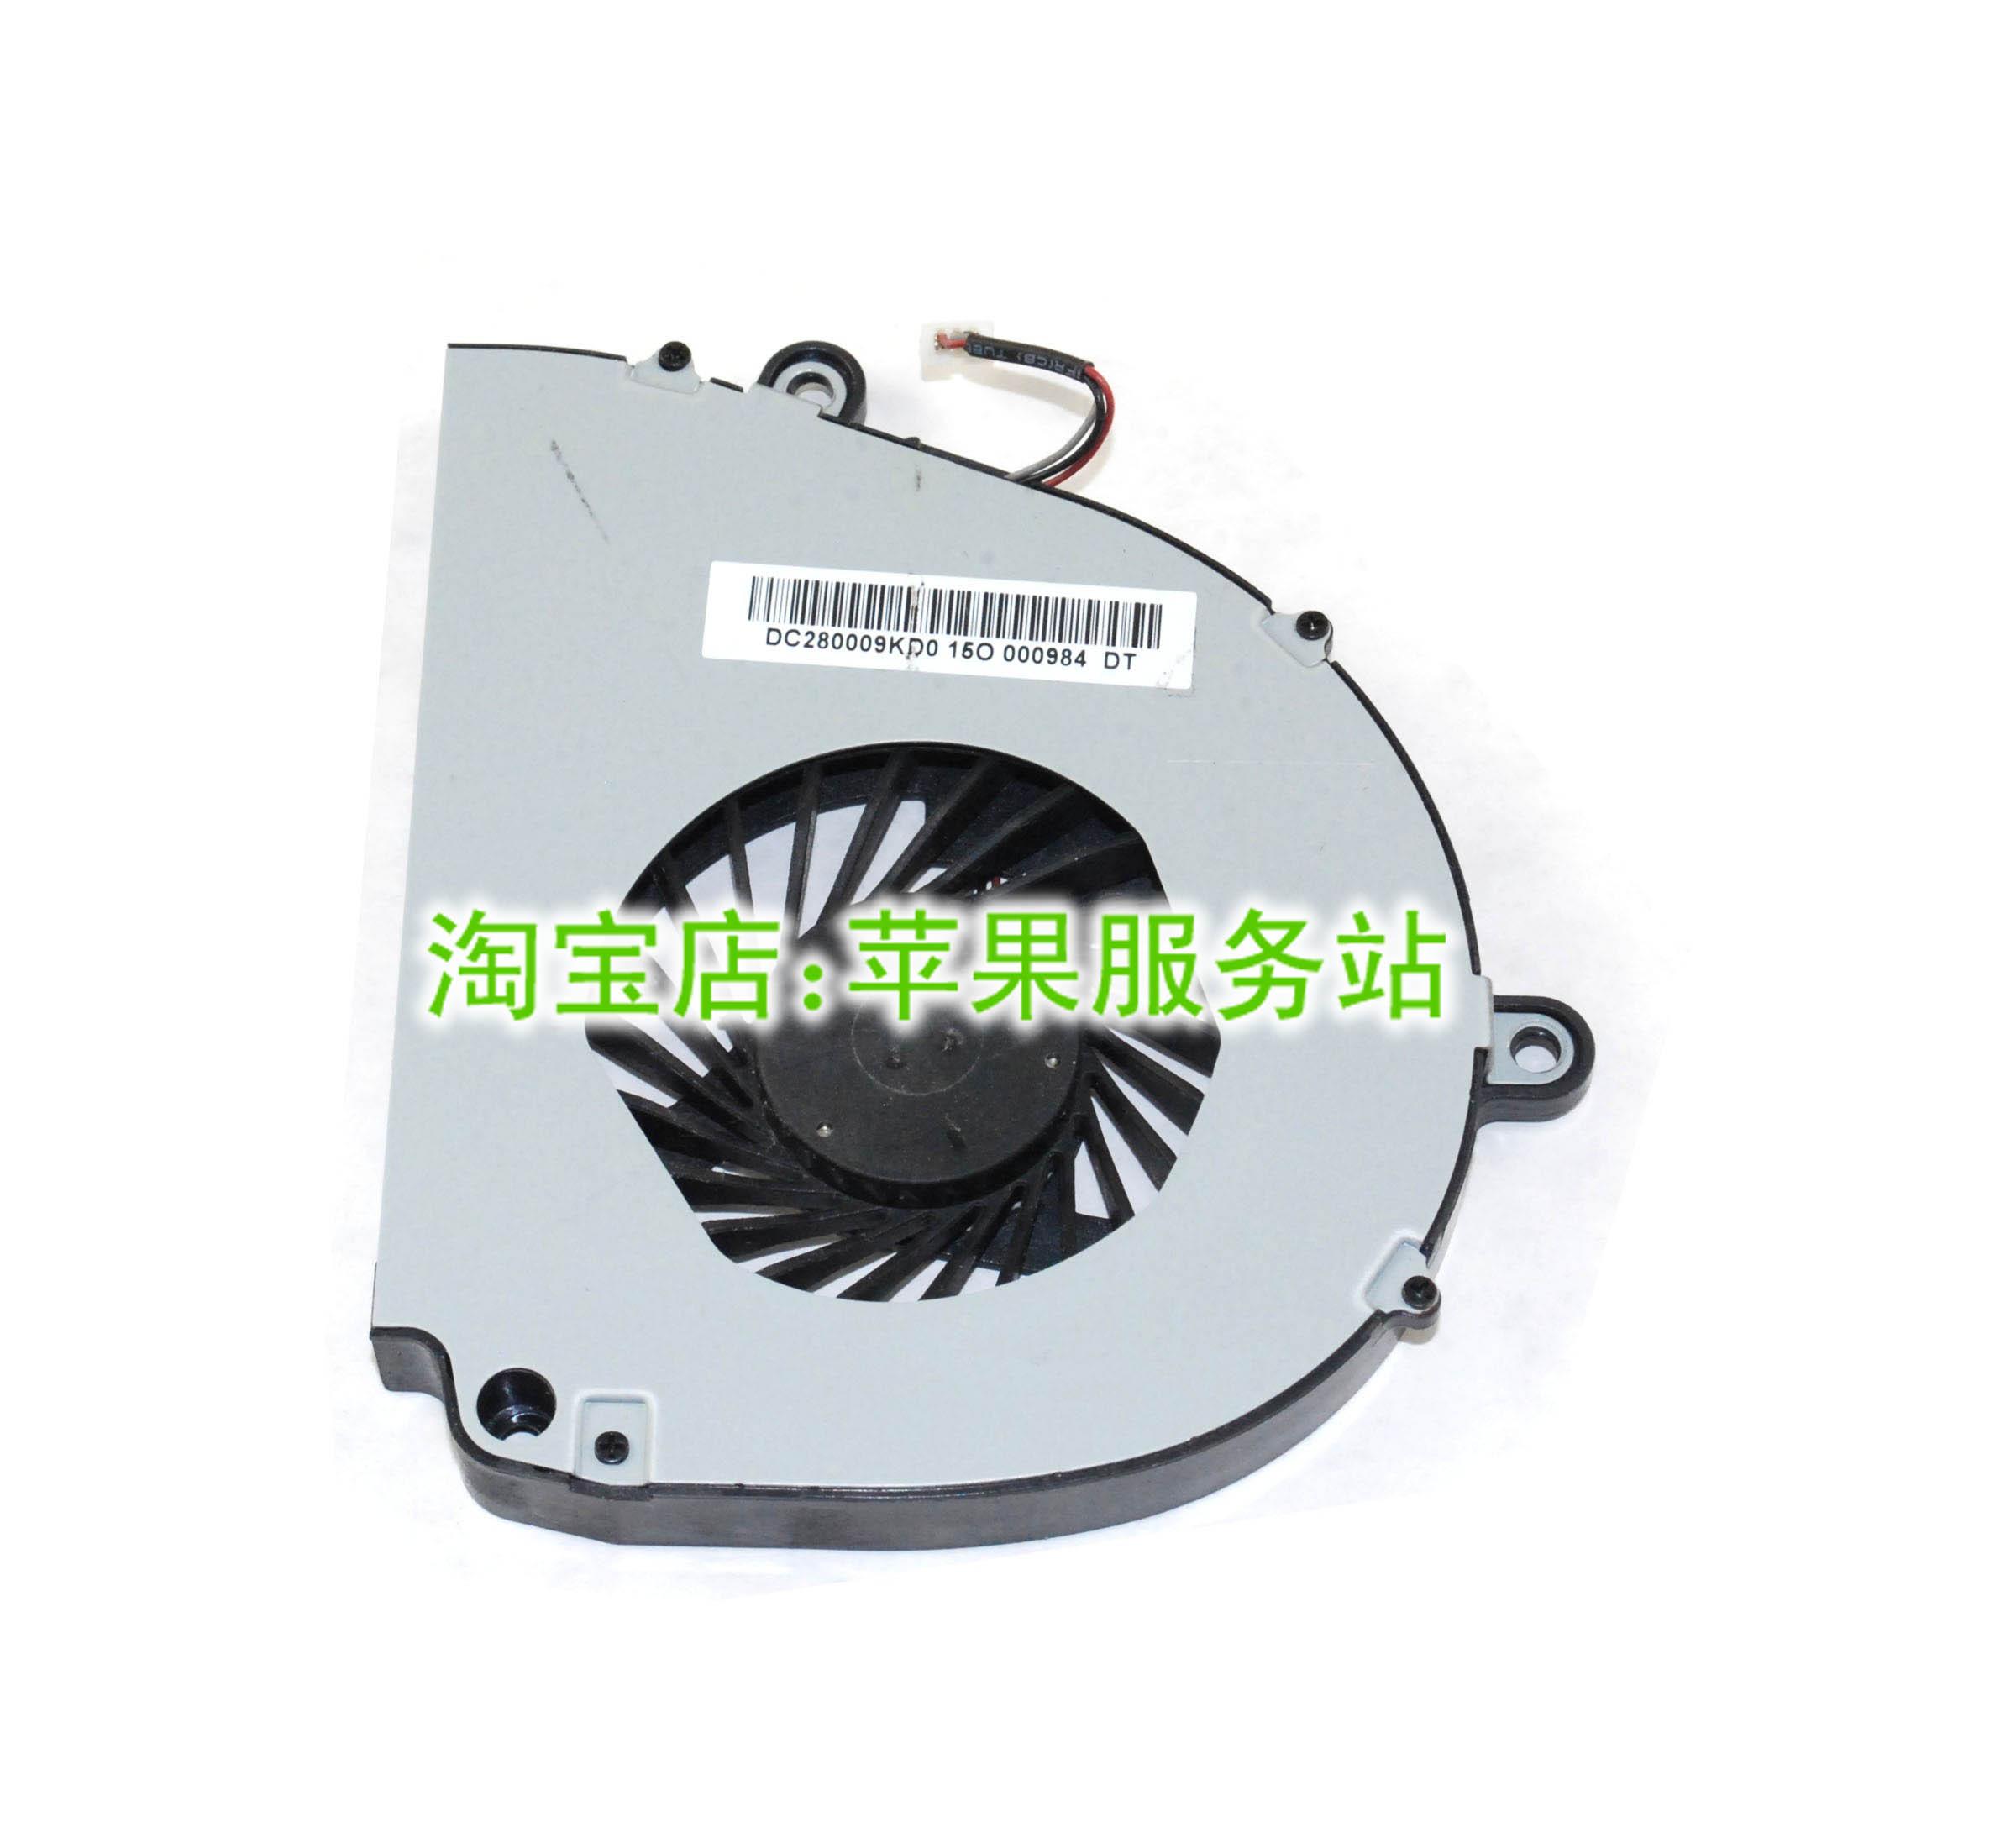 Новый оригинальный шлюз шлюз NV57 NV5700 DC280009KD0. Вентилятор